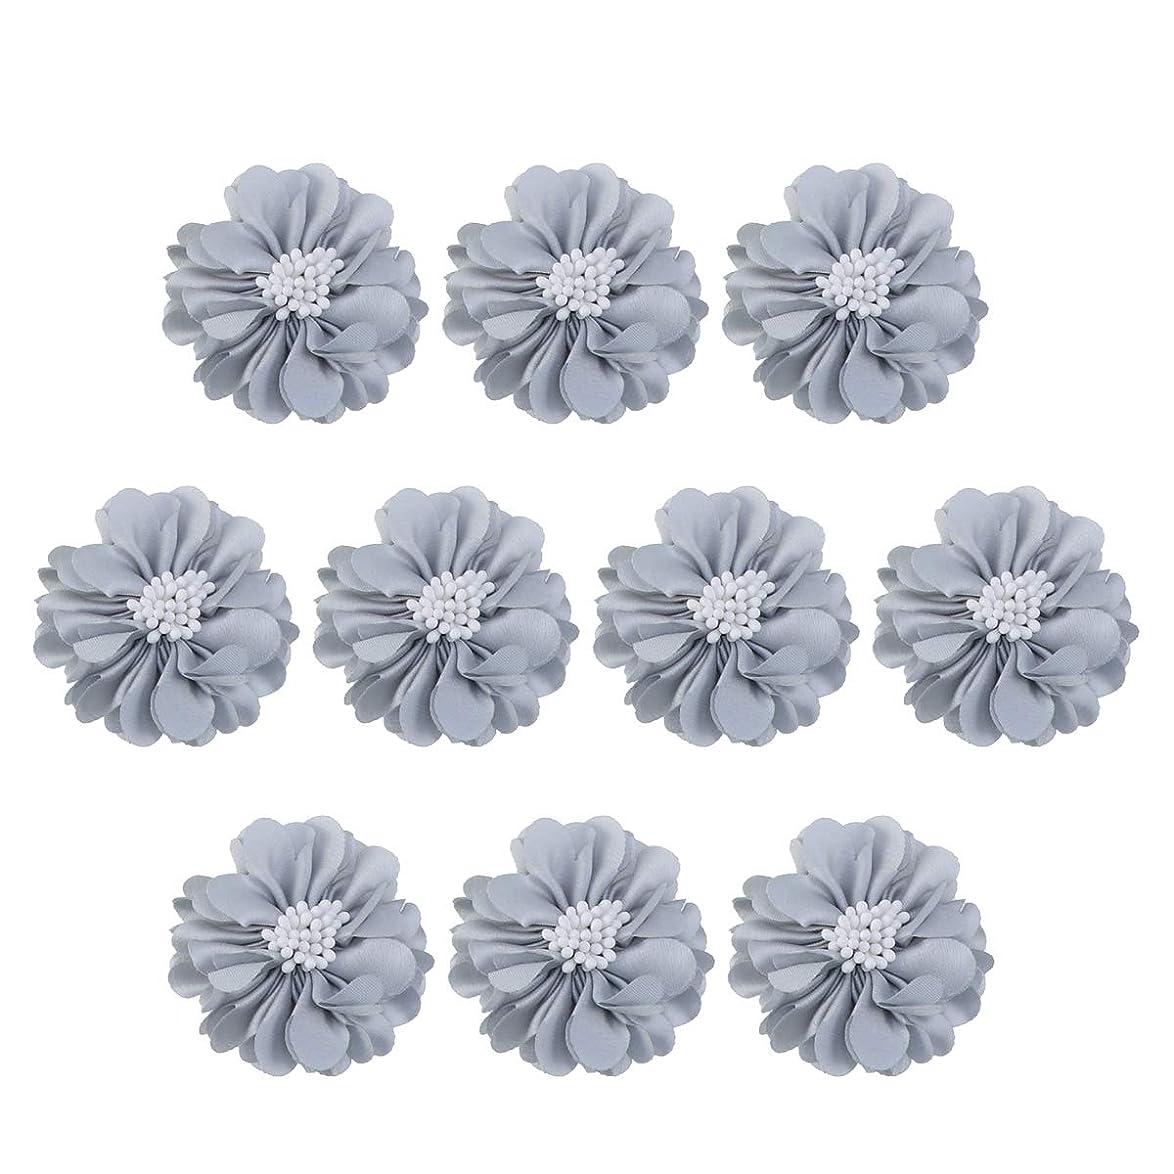 頂点友だち時計回りVosarea 10個装飾シフォン花平底美しいDIY手作りぼろぼろの花のヘアクリップヘアアクセサリー(ブルー)